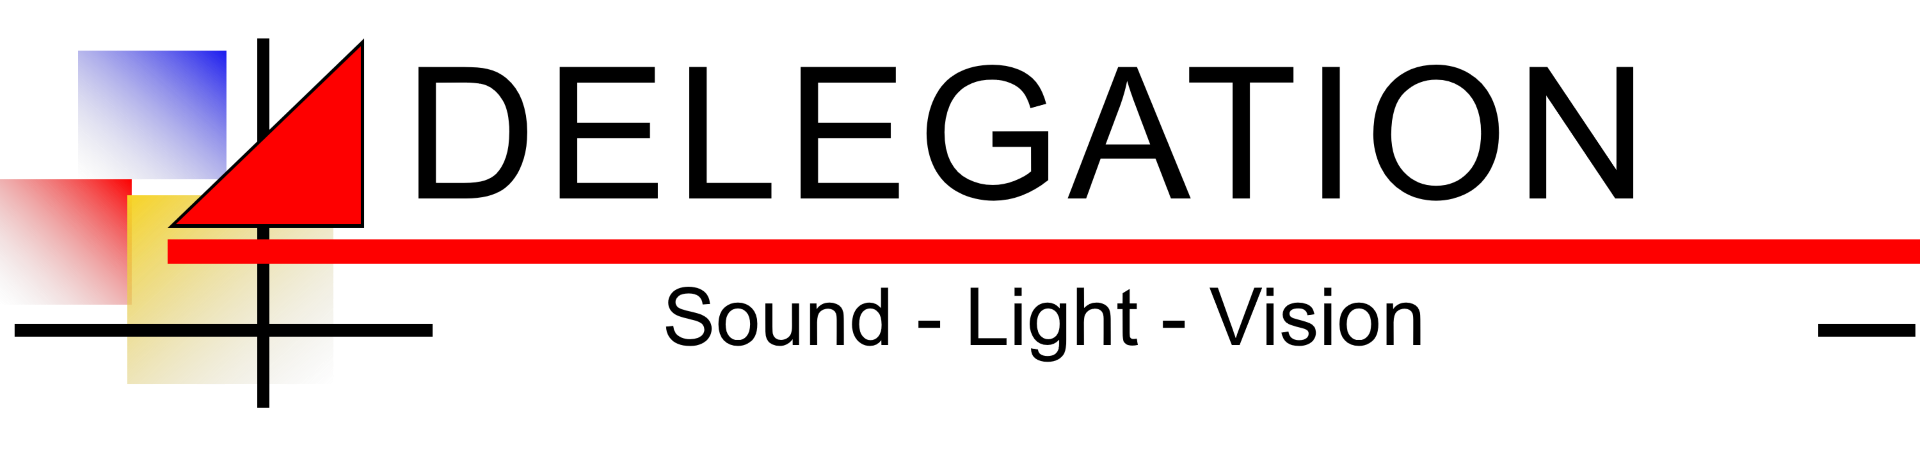 Delegation logo